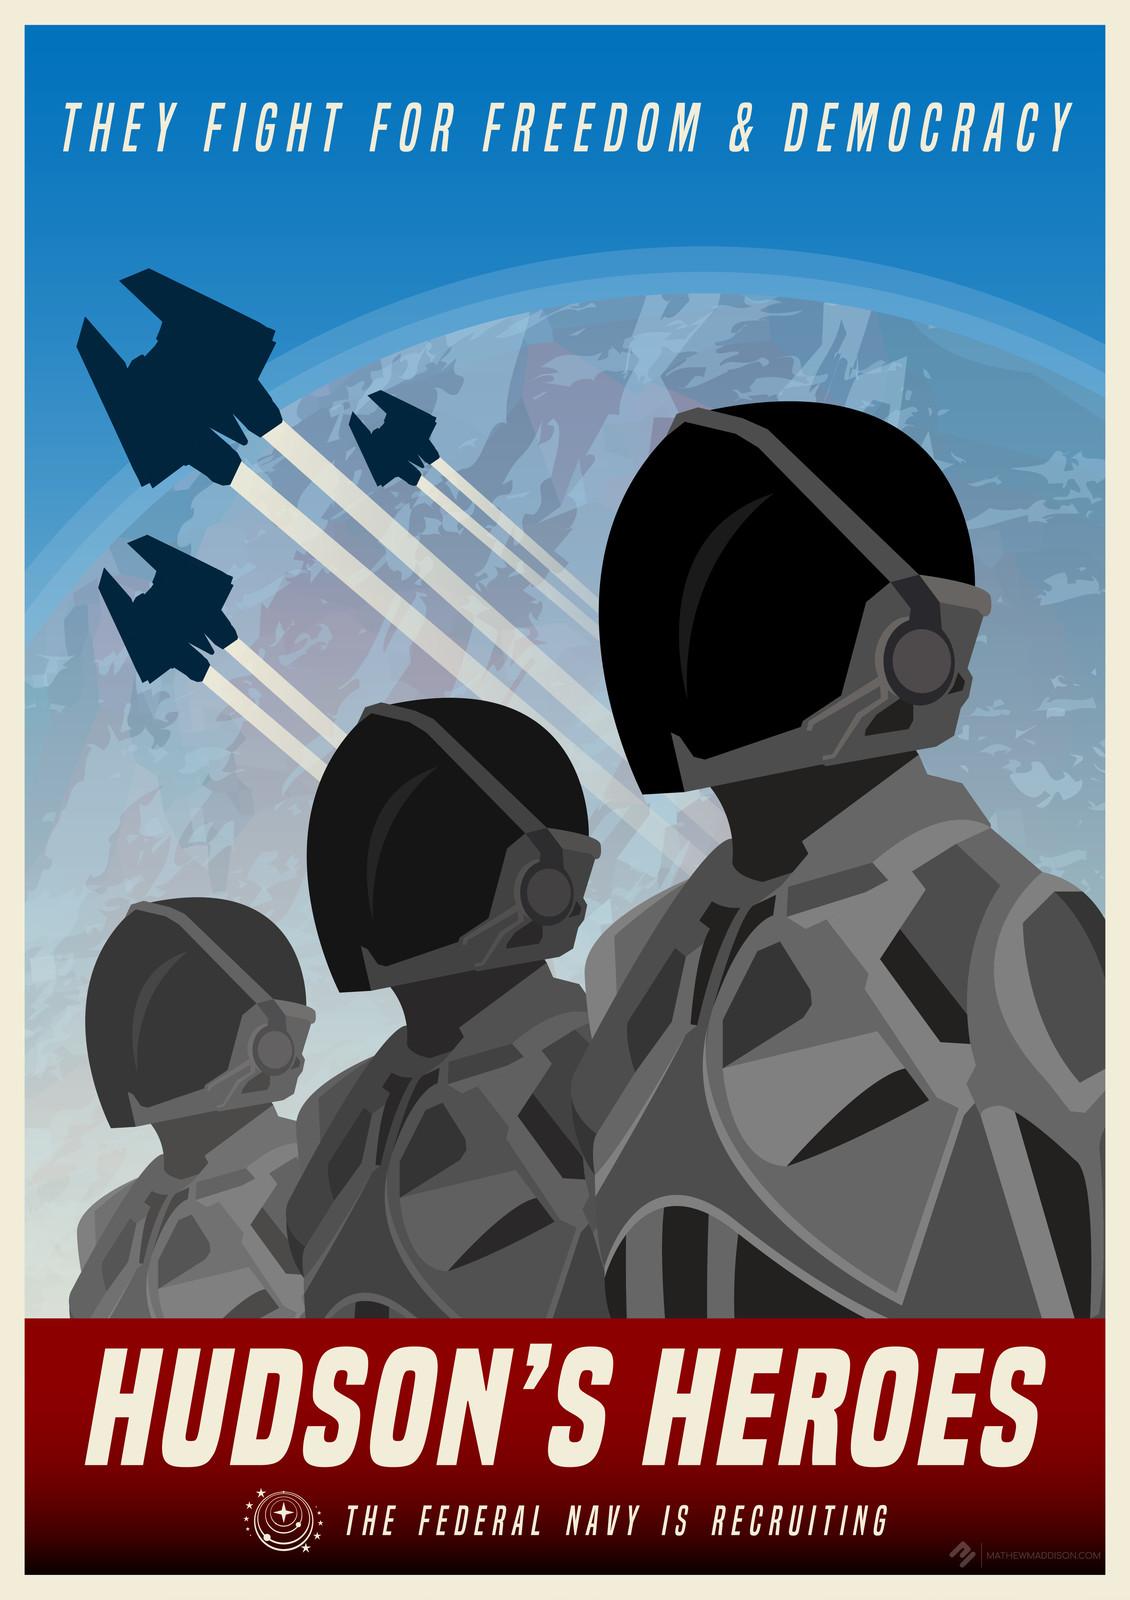 Elite Dangerous - Hudson's Heroes! - Federal Navy Poster